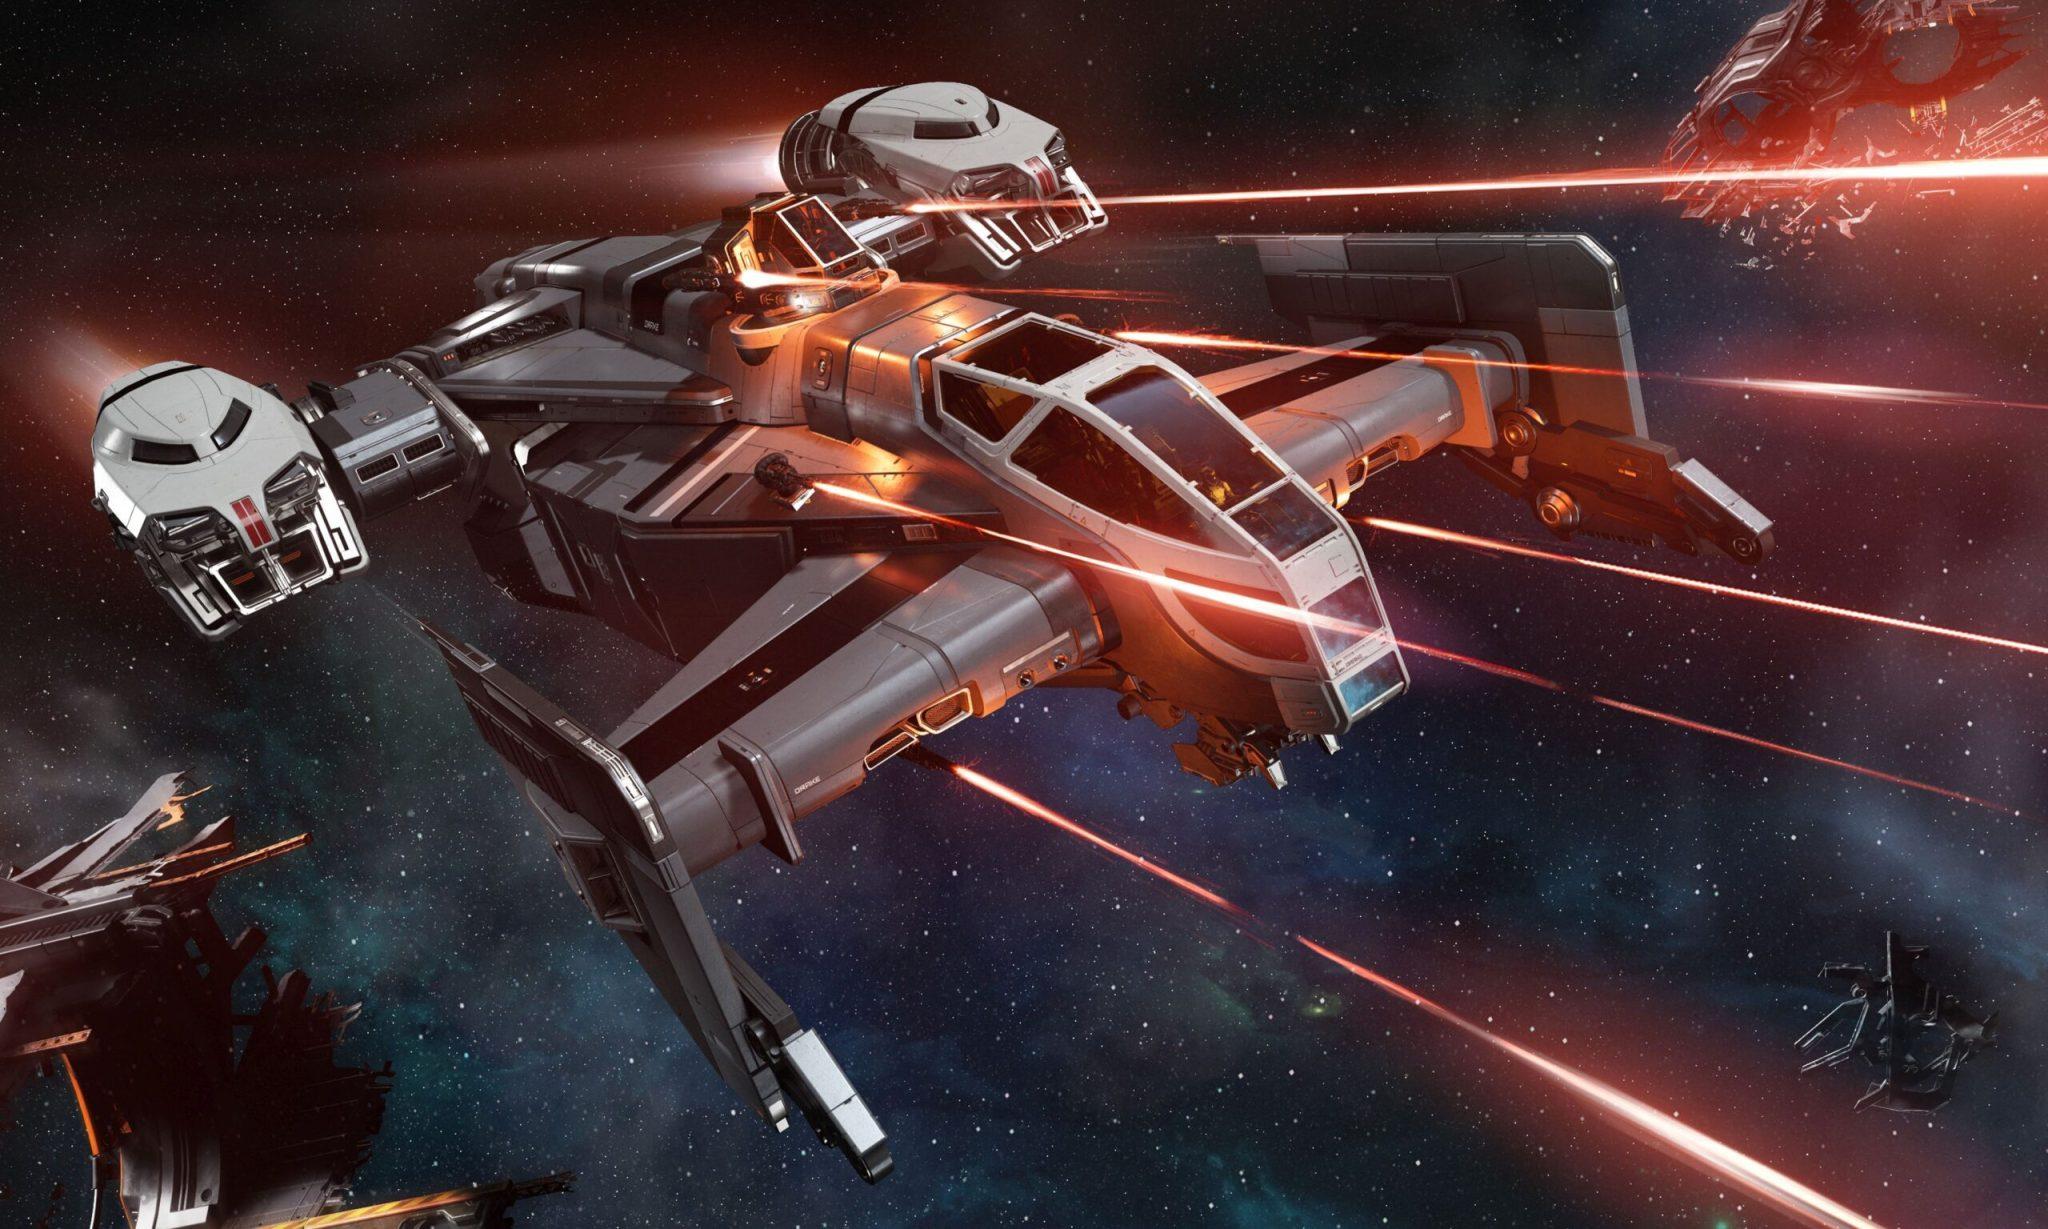 《星际公民》Alpha 3.12版视频 众筹突破3.16亿美元